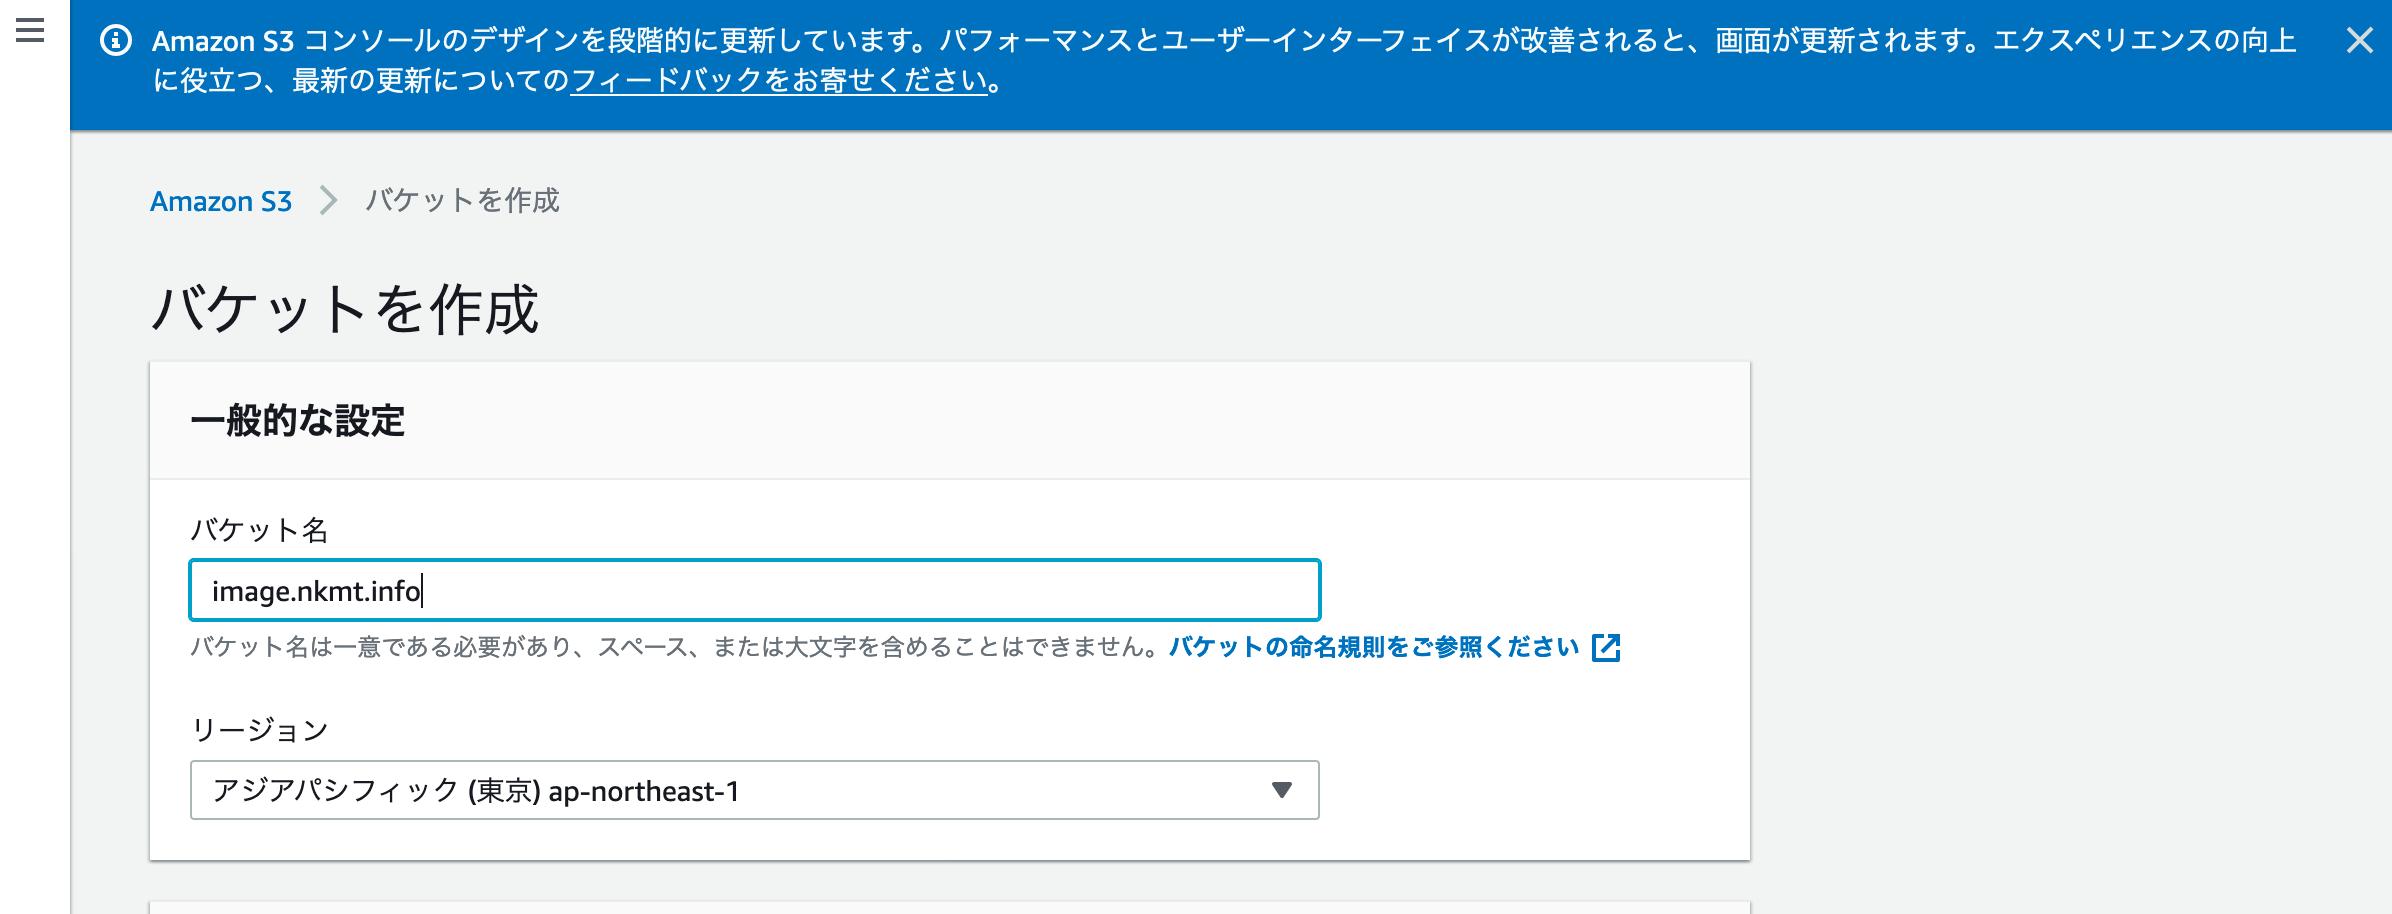 スクリーンショット 2020-04-20 23.29.10.png